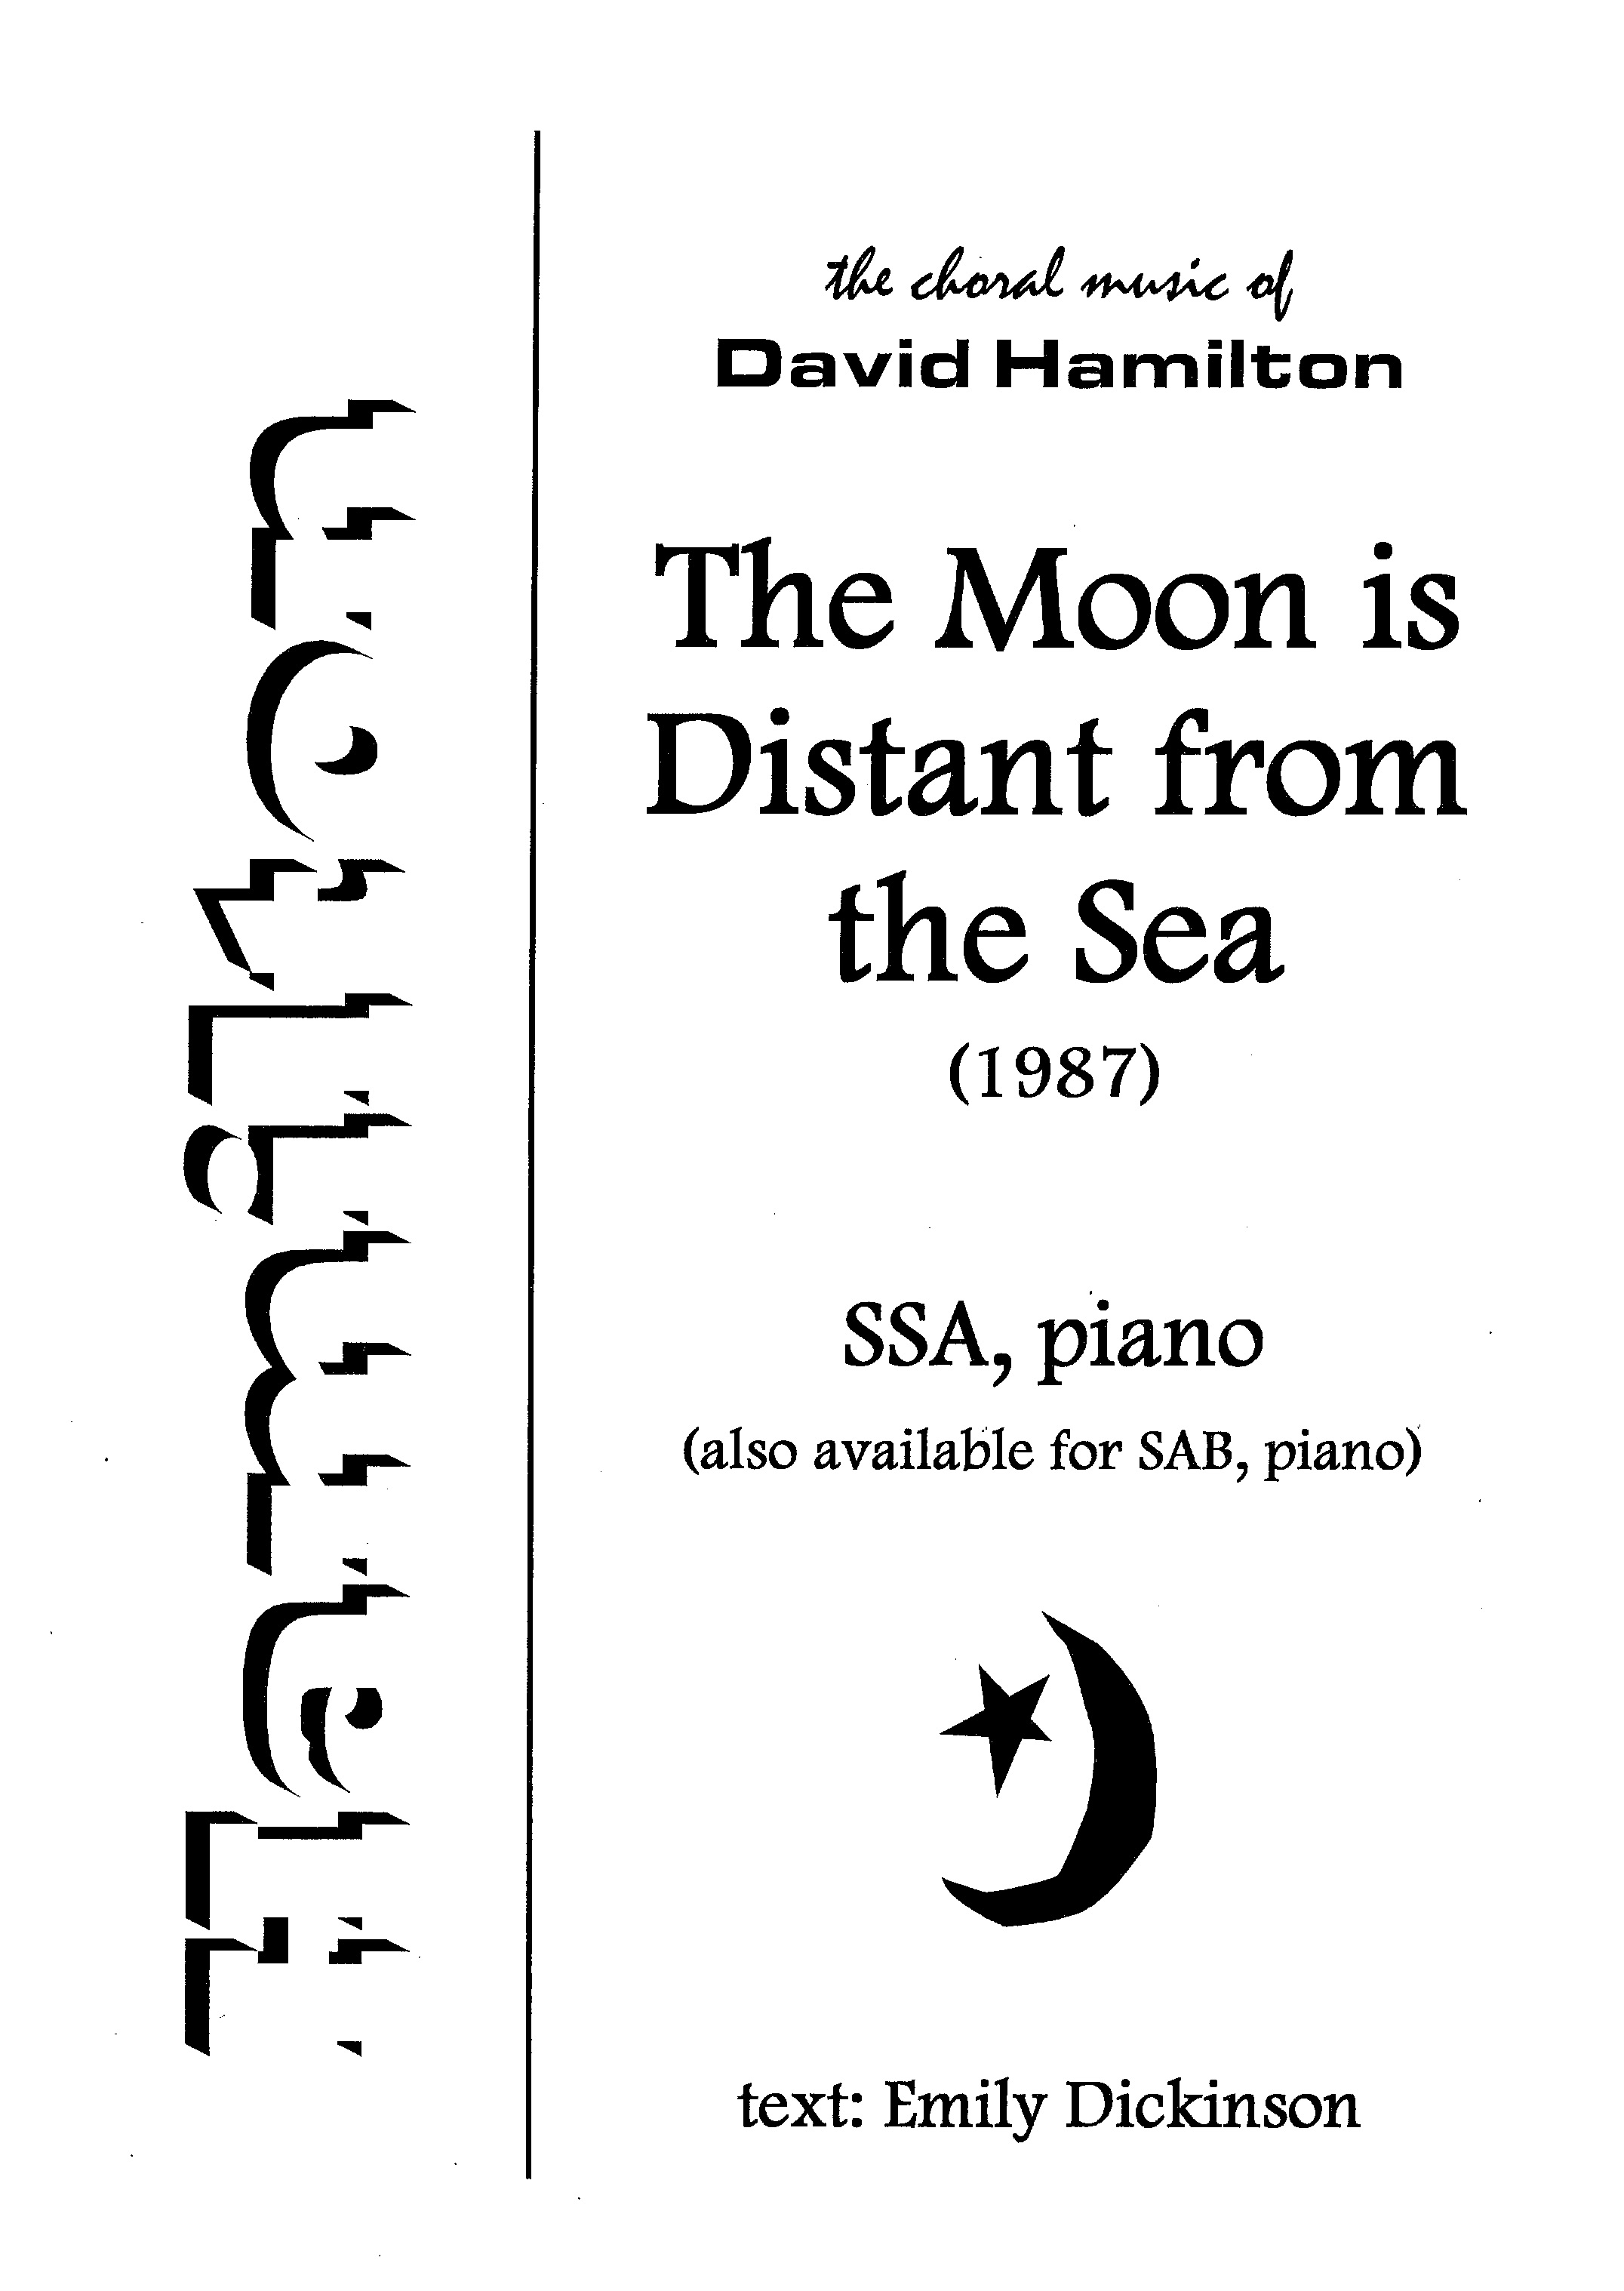 David Hamilton: The Moon is Distant from the Sea (SSA) - hardcopy SCORE